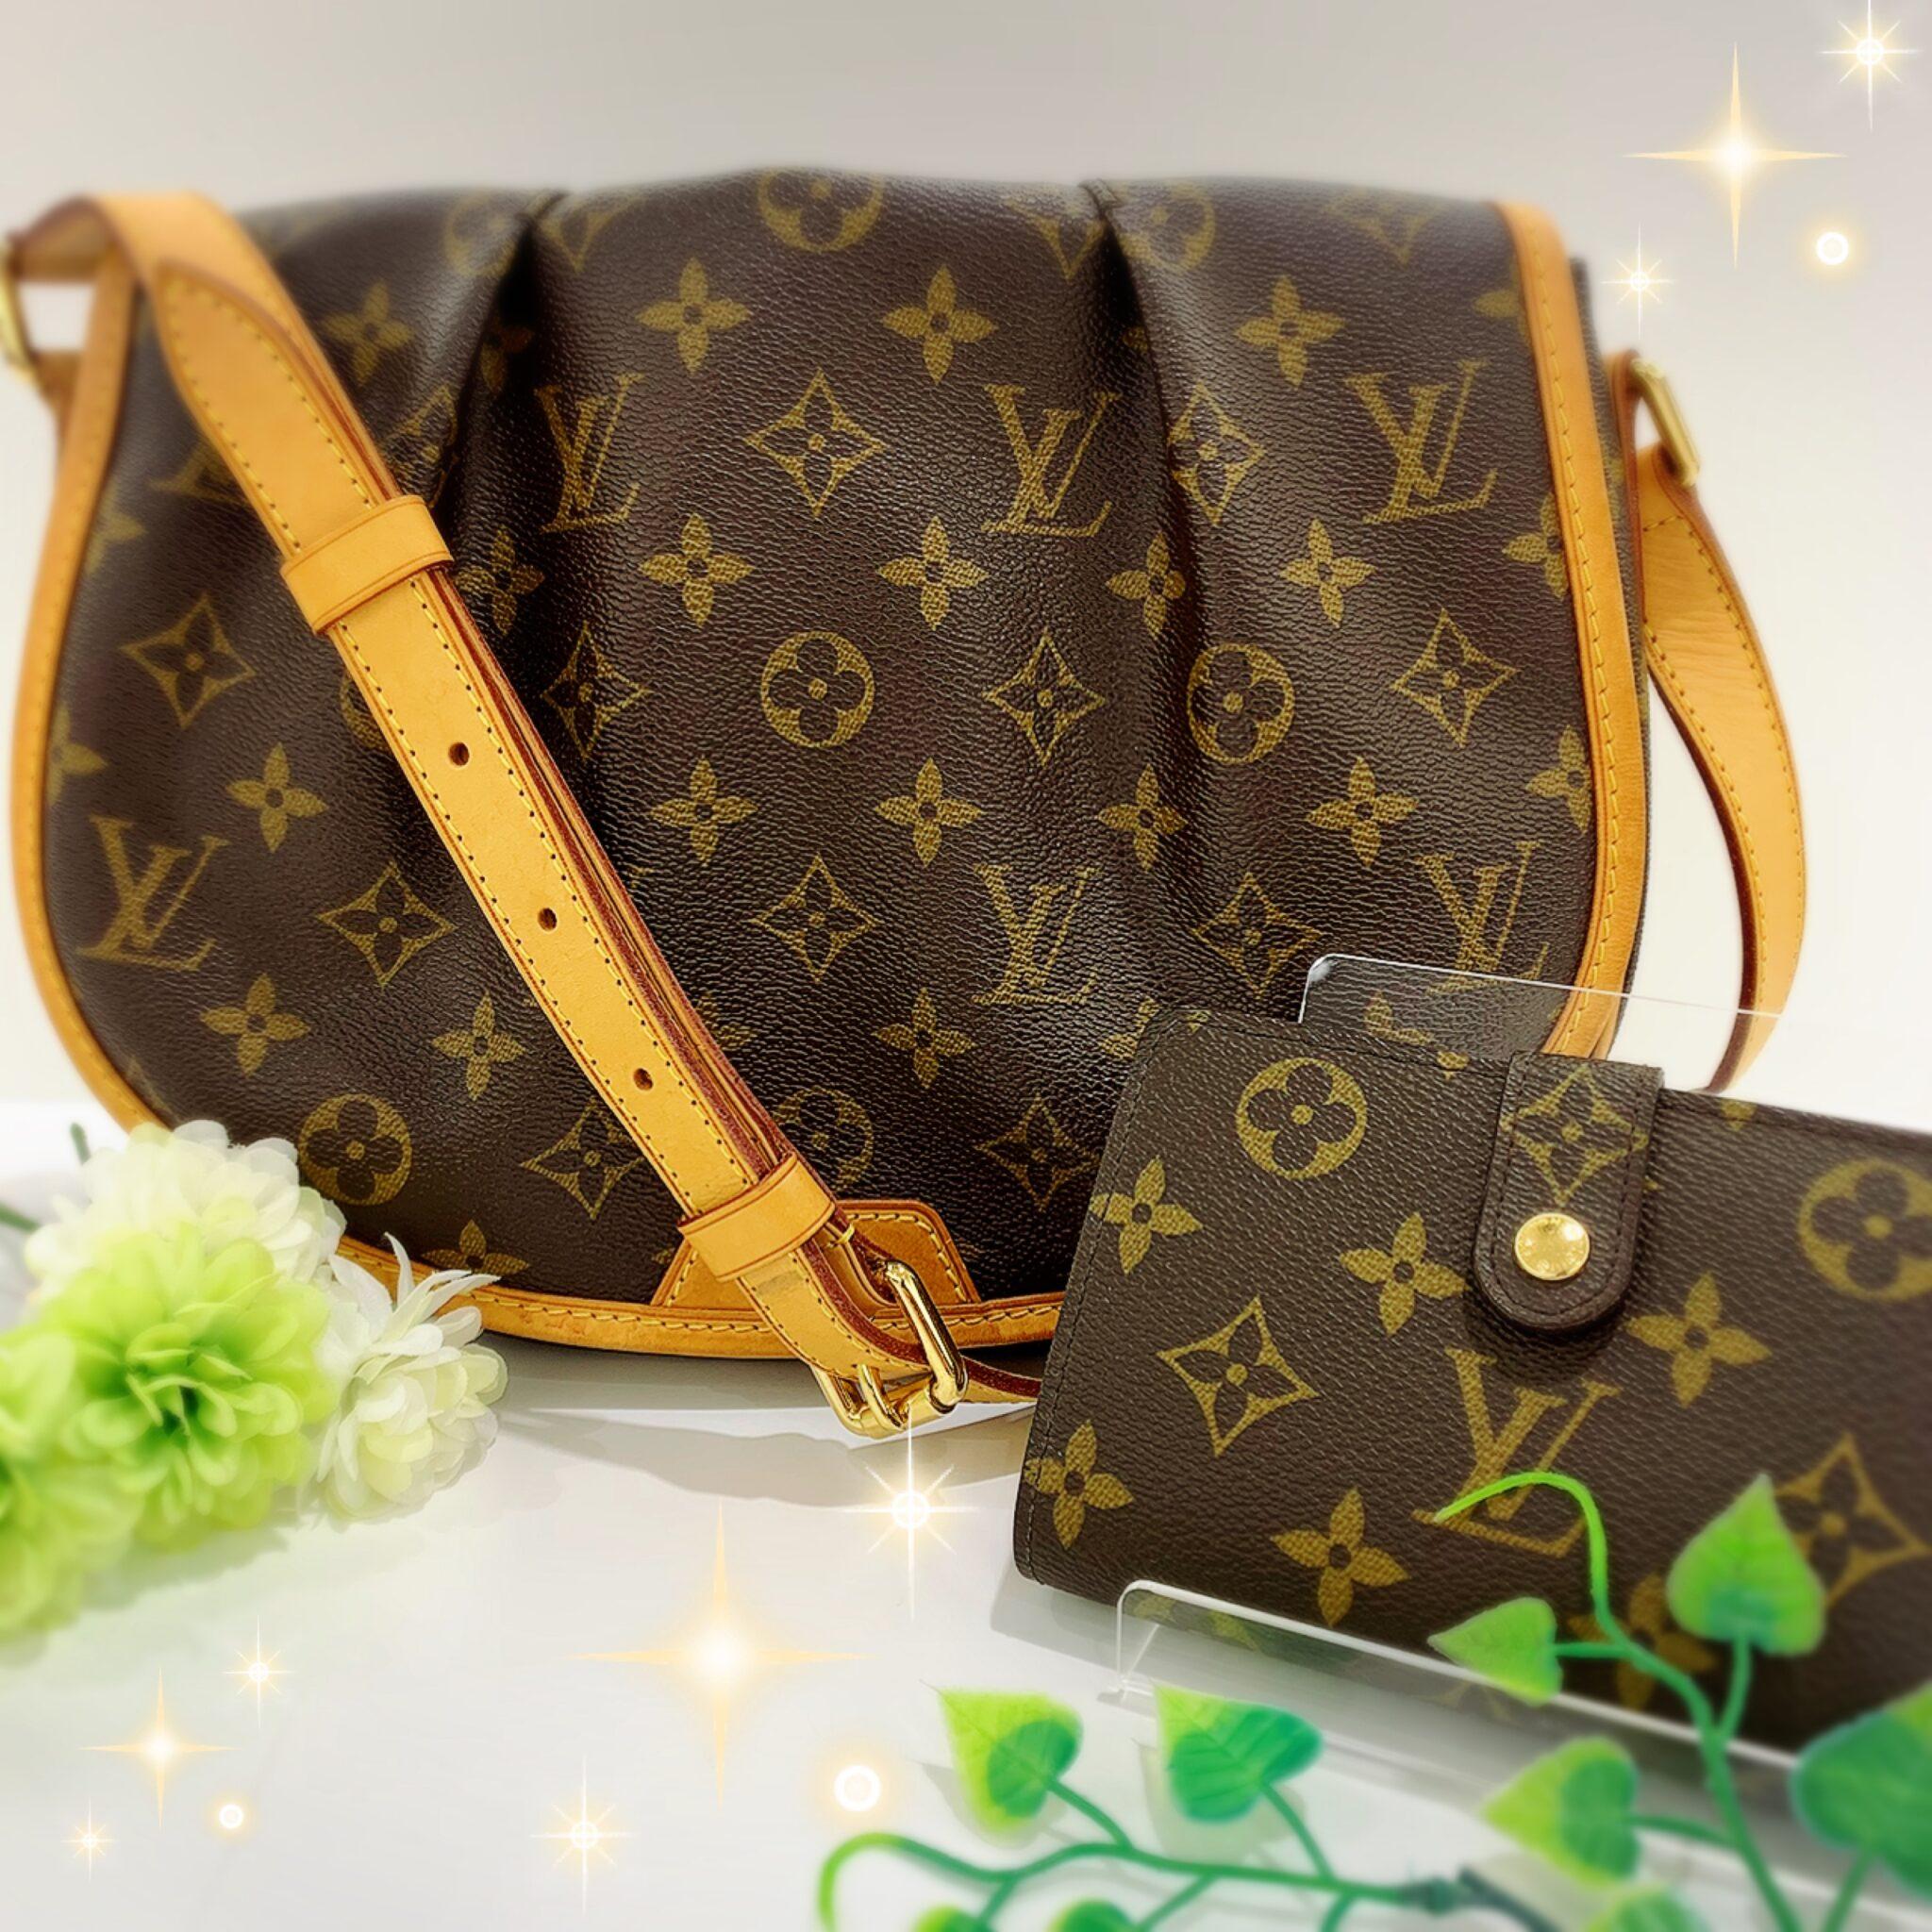 【ヴィトン 販売 盛岡】春のお出かけは小さめバッグ&小さめウォレットで身軽に♡